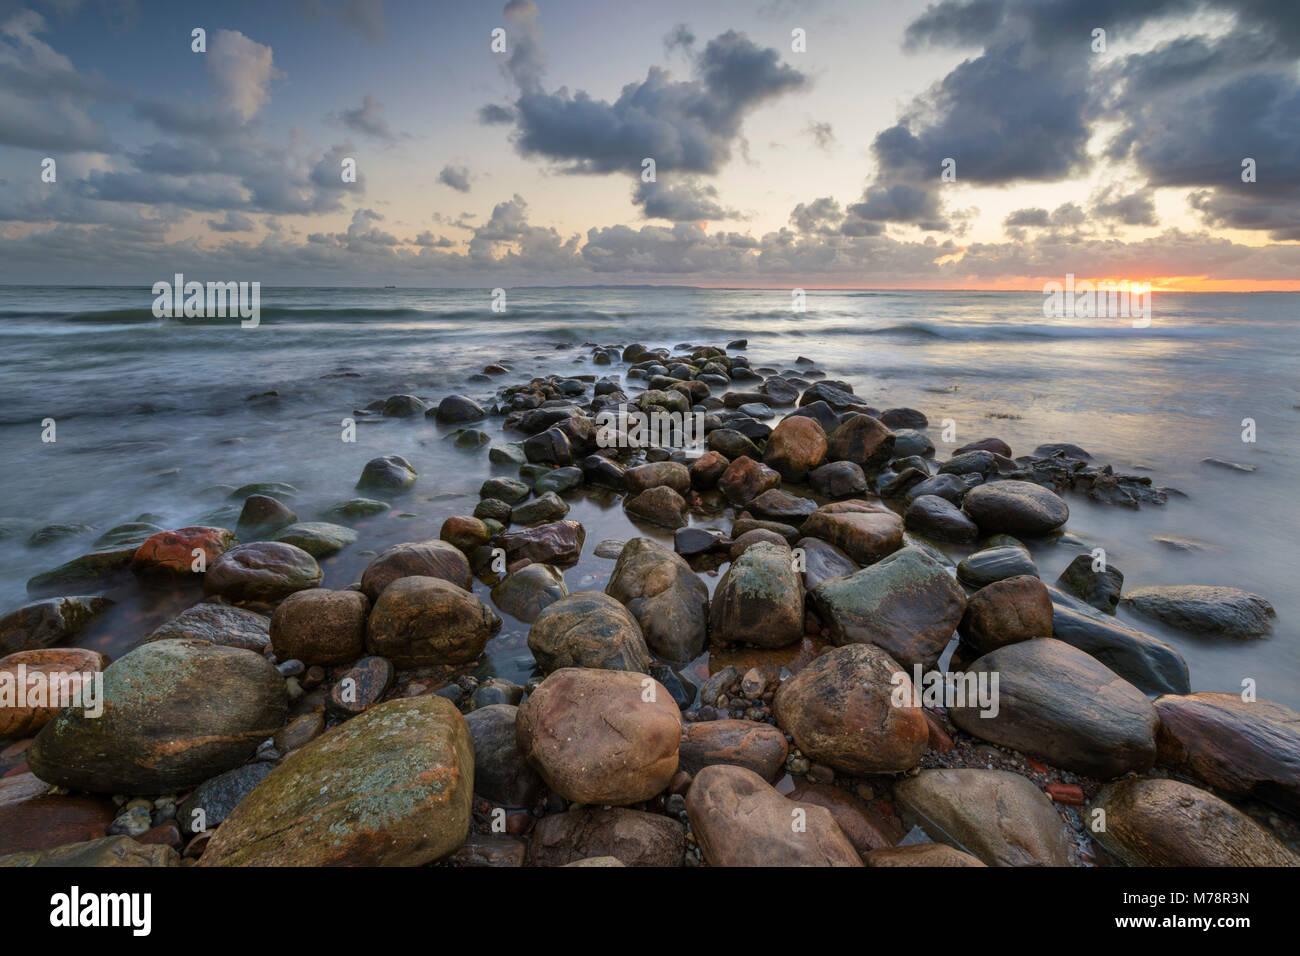 Brise-lames de pierre en mer au lever du soleil, Munkerup, le Kattegat, la Nouvelle-Zélande, le Danemark, la Photo Stock